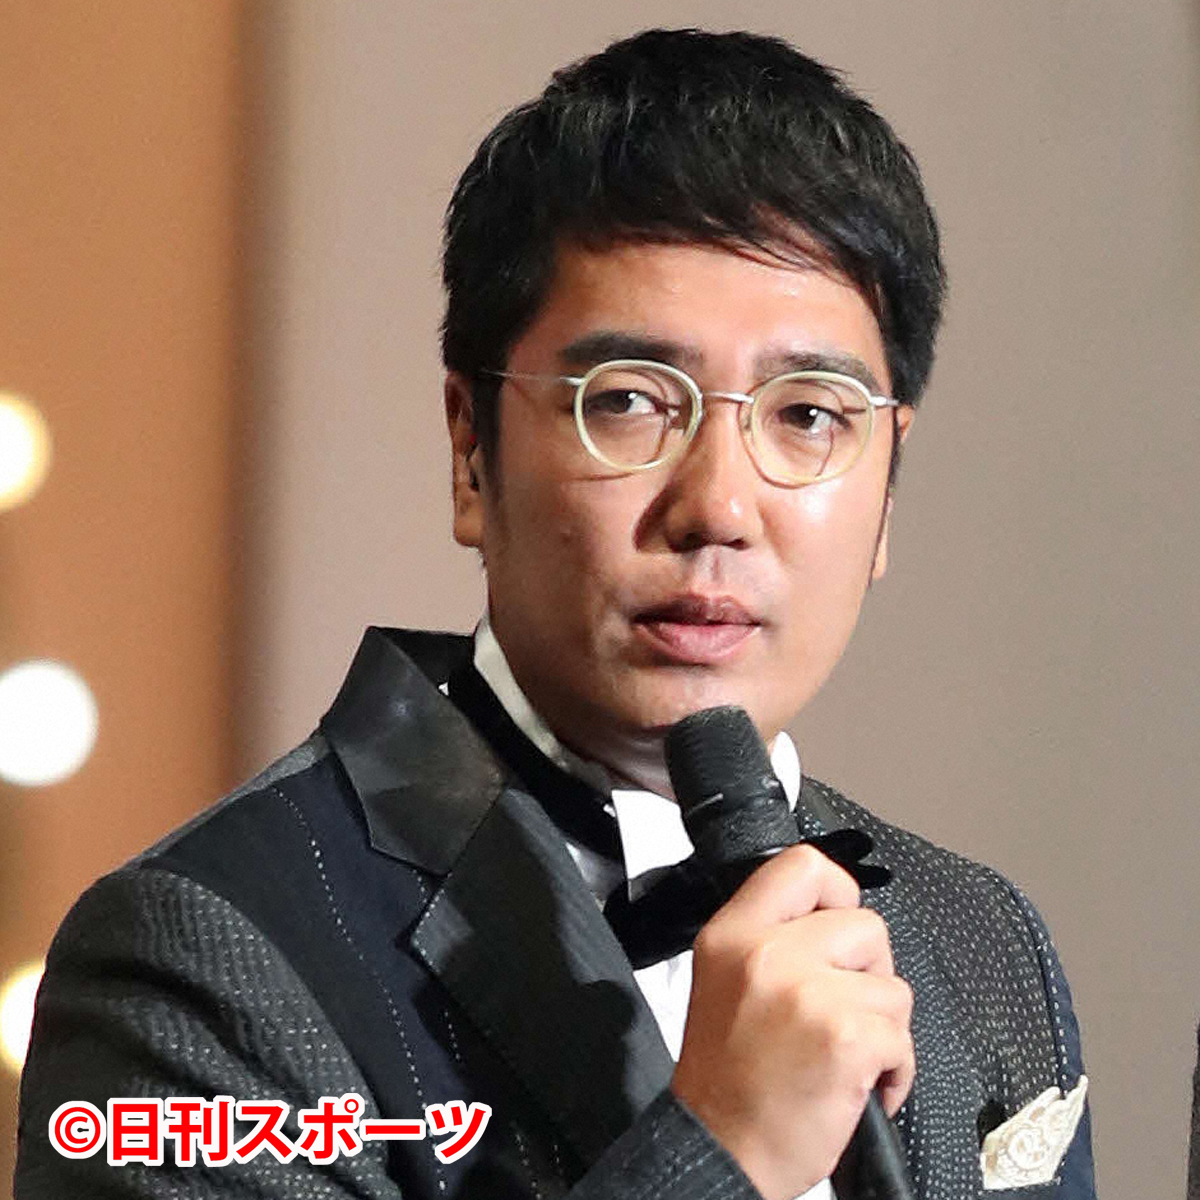 がん手術の小木博明が仕事復帰「体調すごくいい」 | 朝日新聞デジタル ...